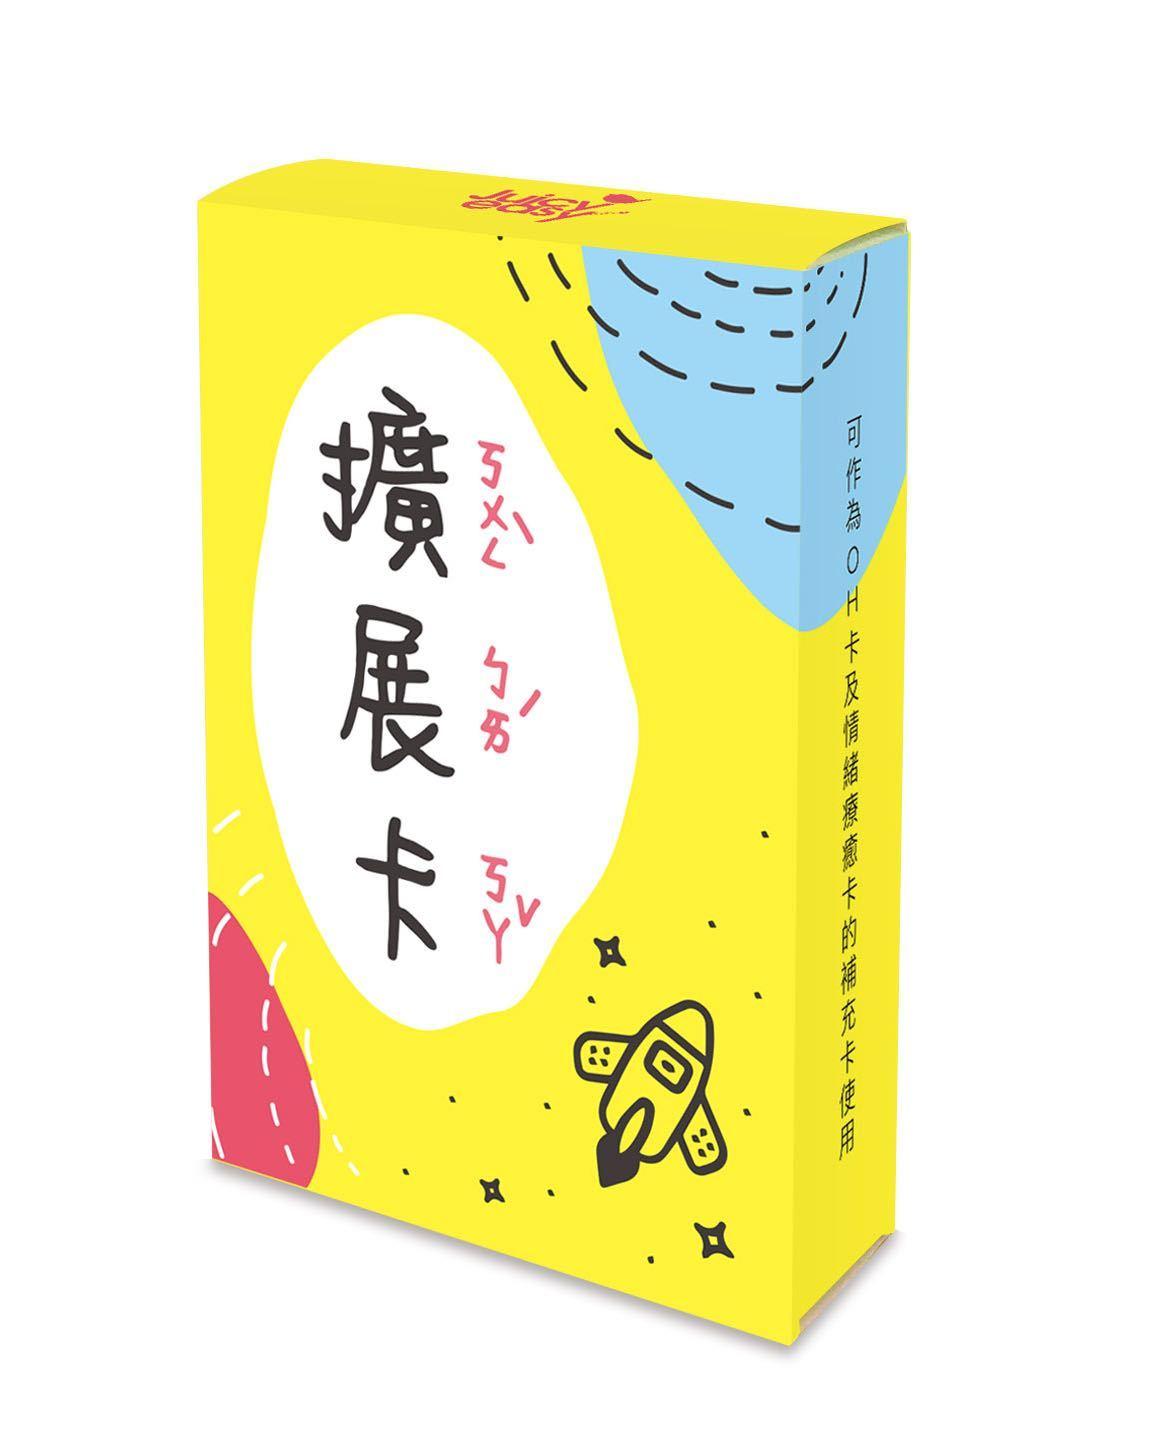 擴展卡 (空白卡) 可搭配OH卡系列、情緒療癒卡使用.jpg